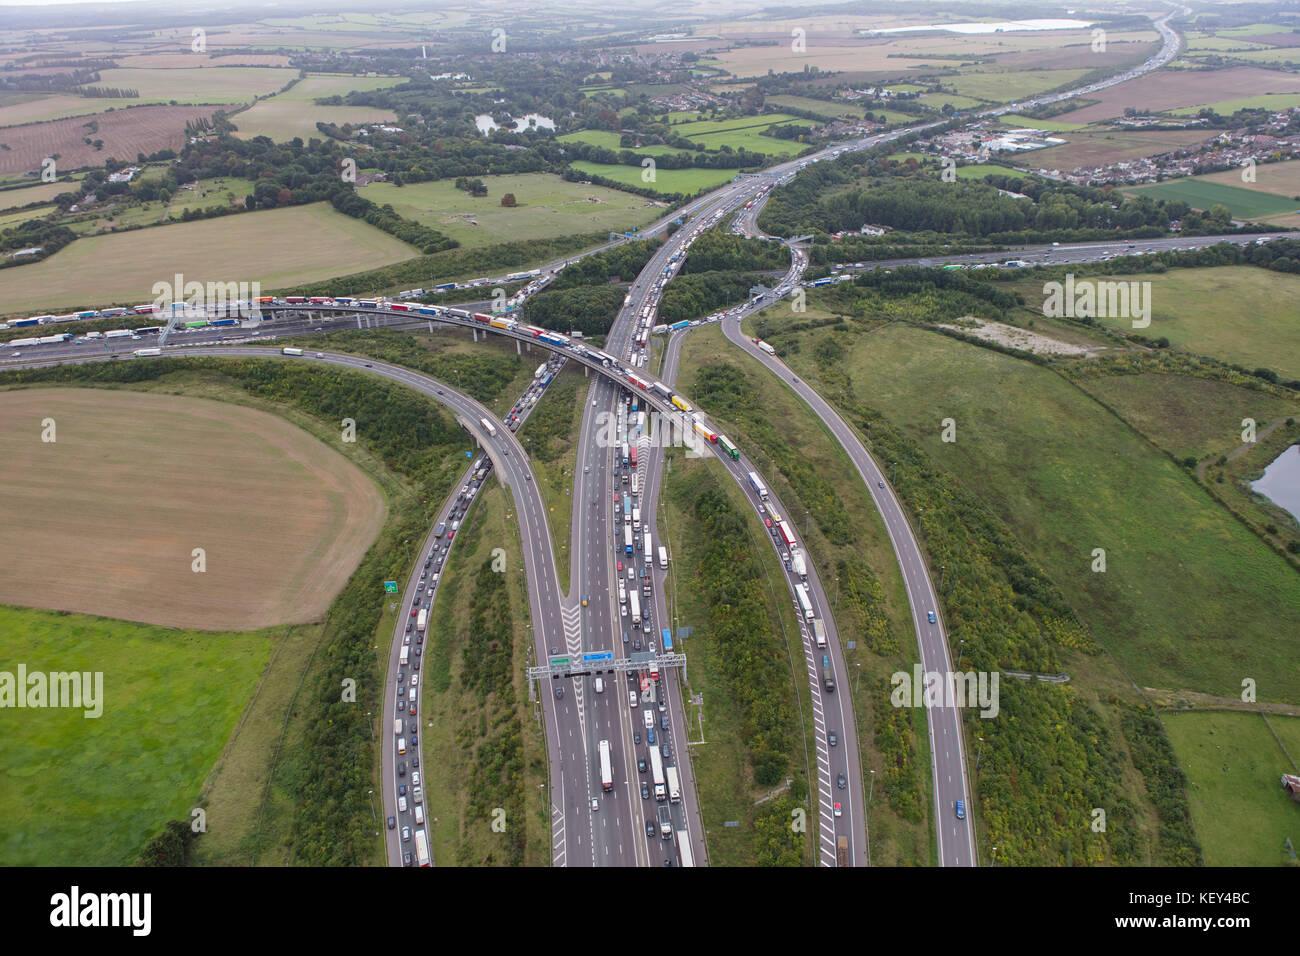 Una veduta aerea che mostra la congestione del traffico al bivio 2 della M25 London Orbital Immagini Stock